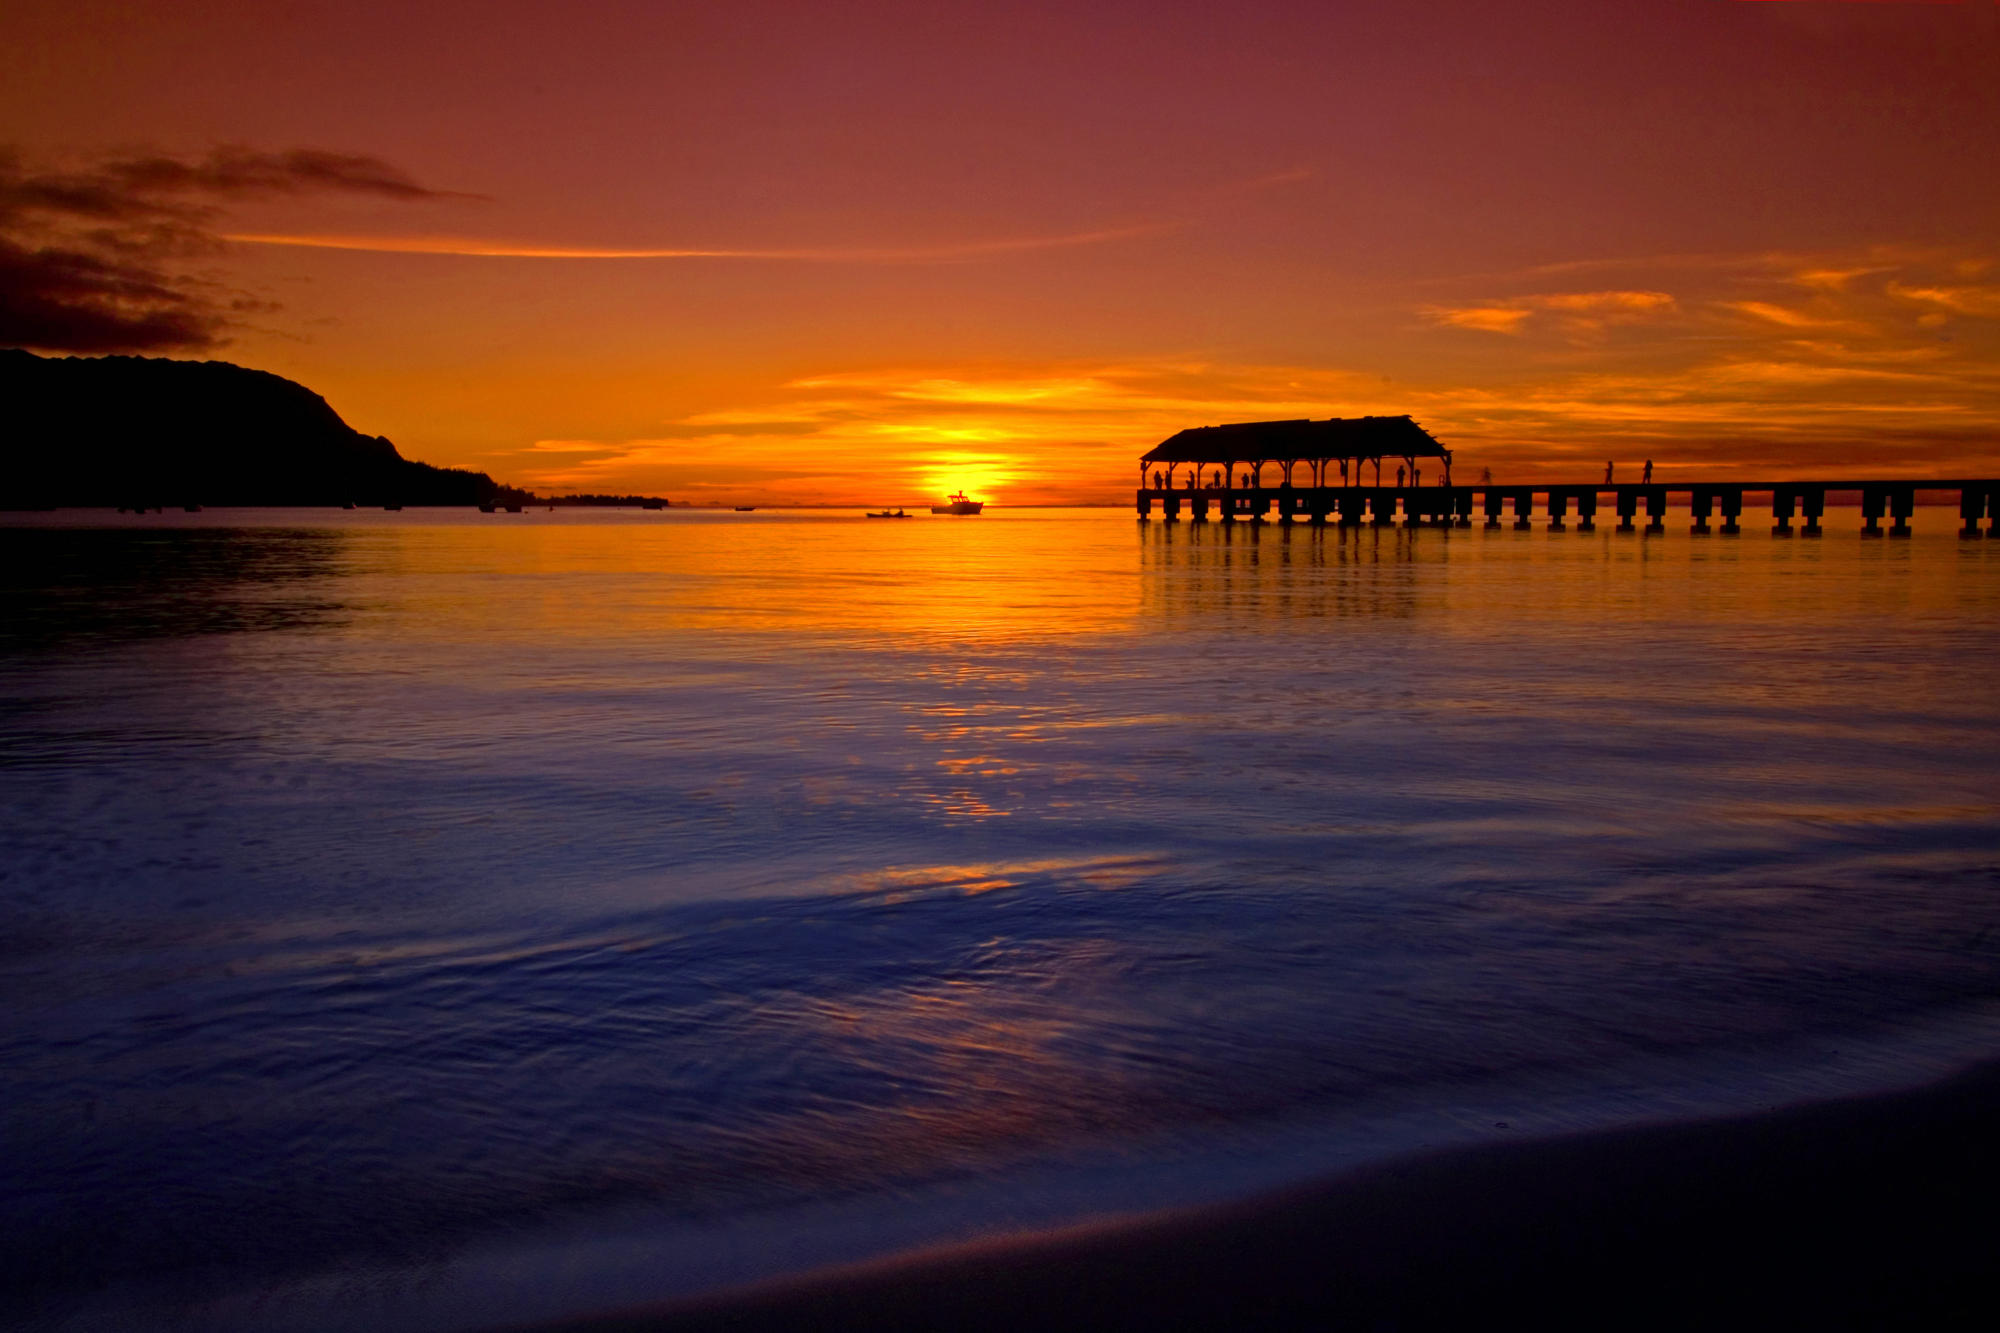 25 Beautiful Sunset Wallpapers  DesignBump 2000x1333